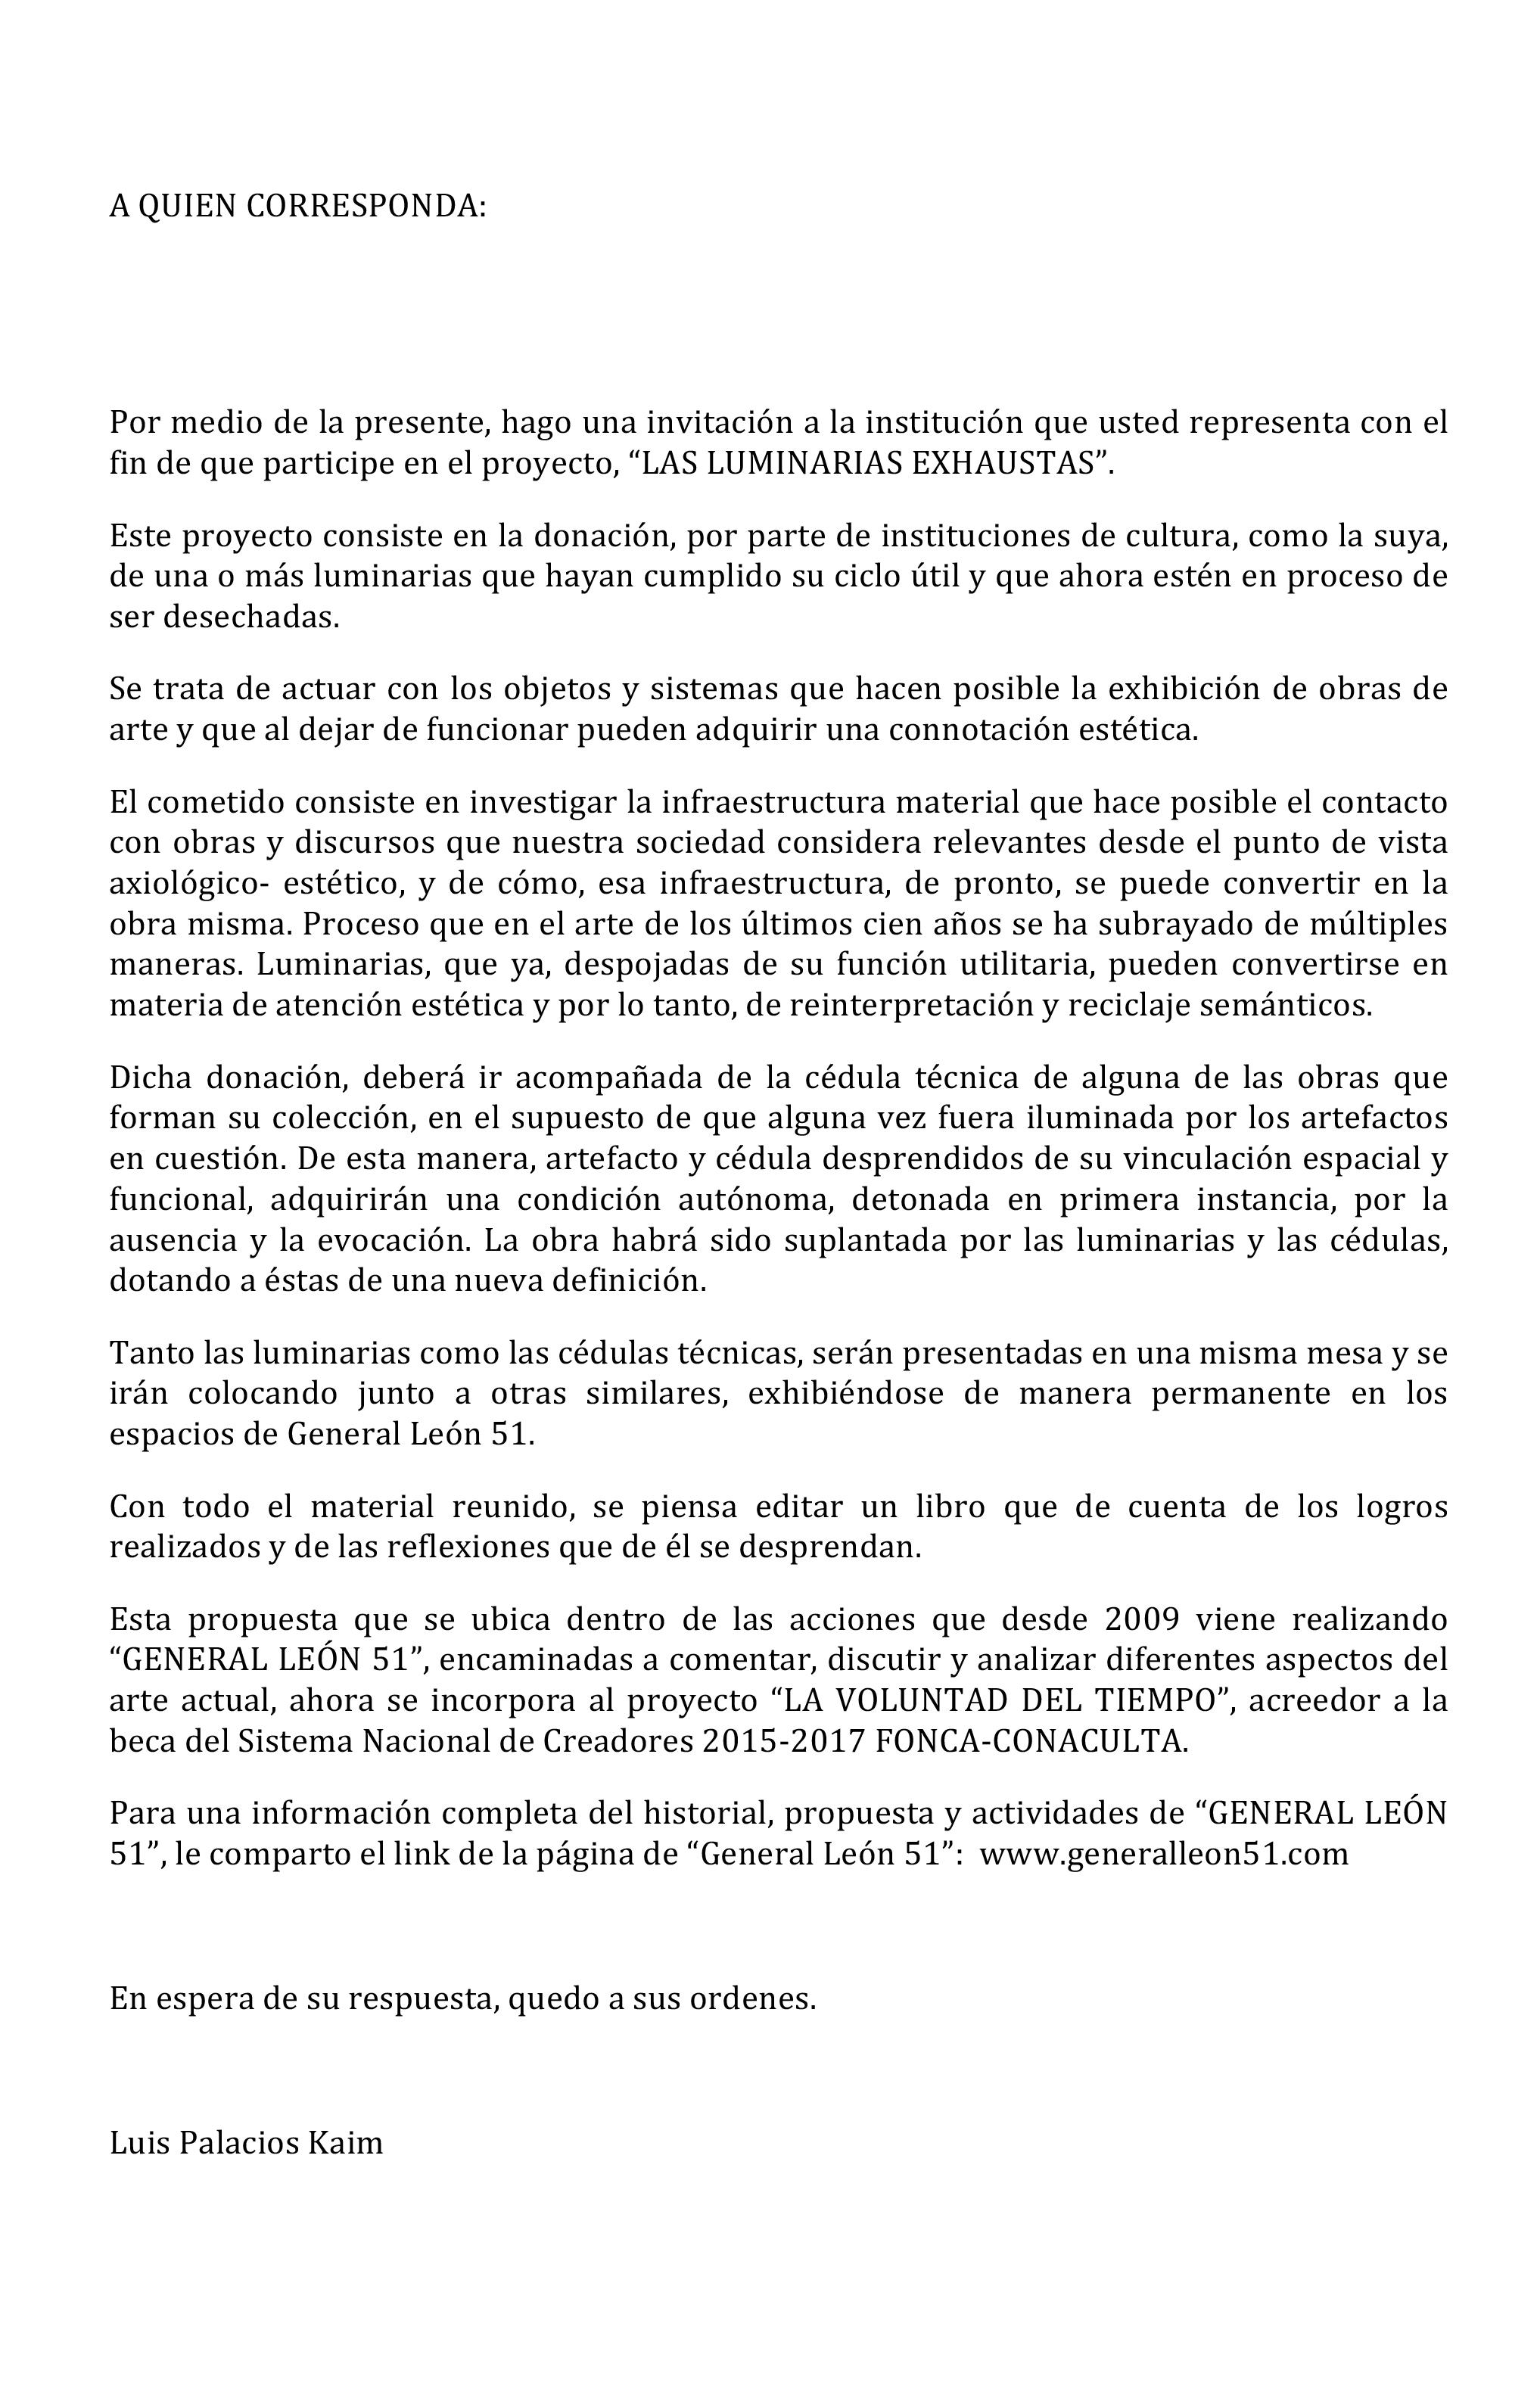 LAS LUMINARIAS EXHAUSTAS_Luis Palacios Kaim_Carta_72 dpi.jpg